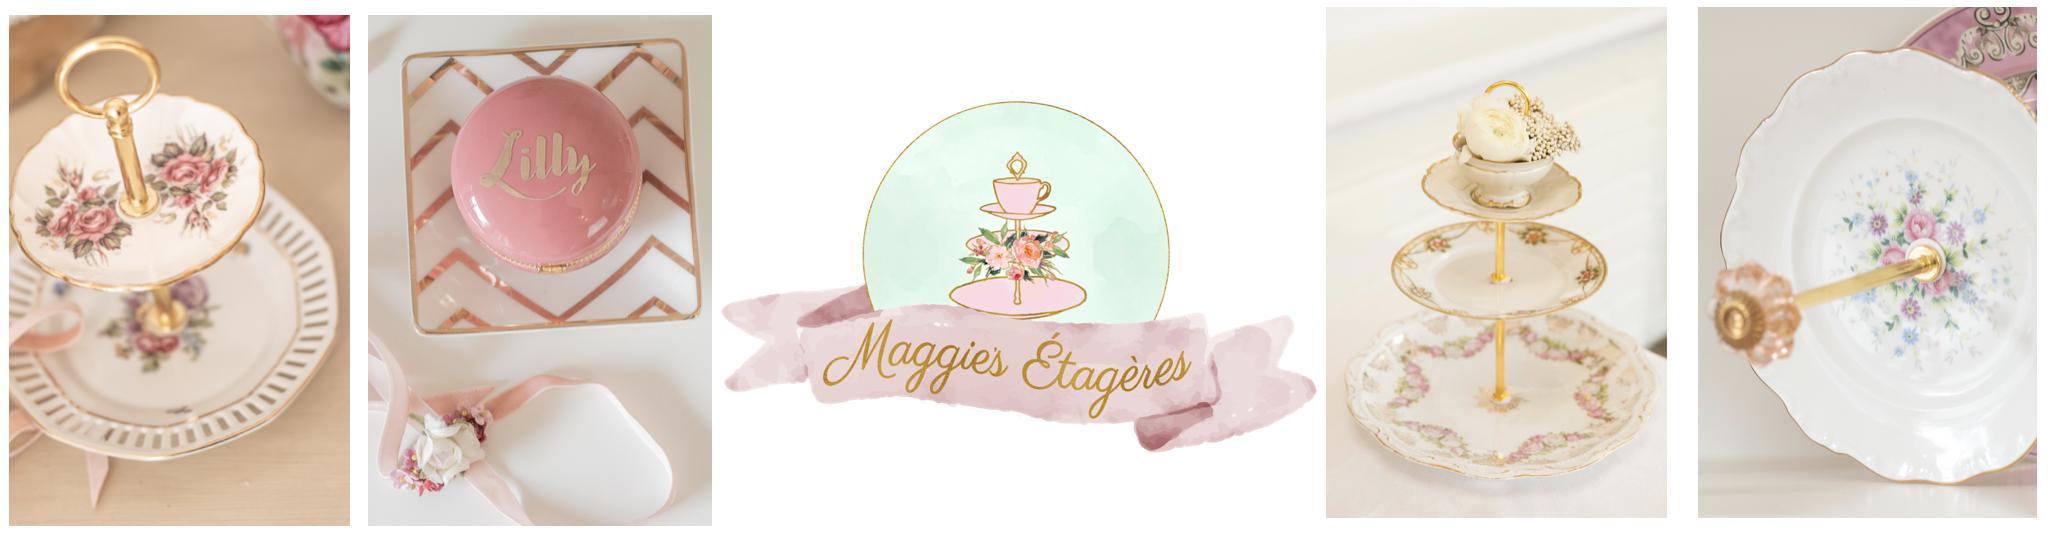 handgefertigte Etageren aus vintage Porzellan von Maggie's Etageres personalisierte Geschenke exklusive Wohnaccessoires